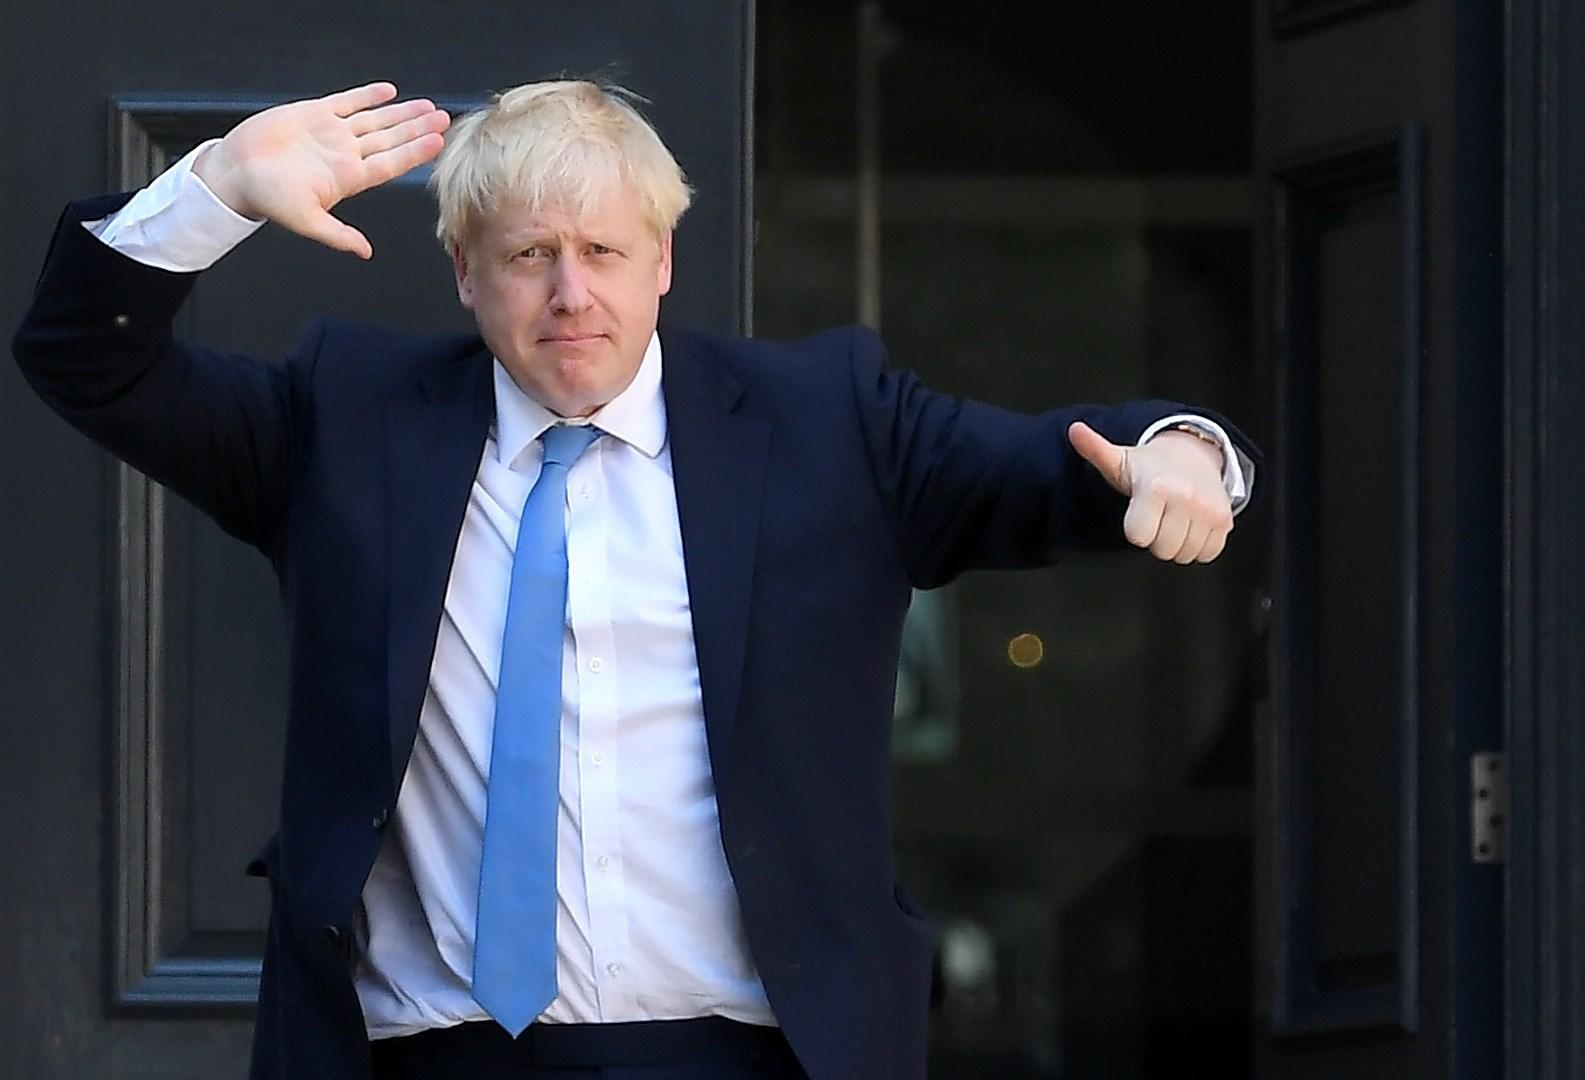 جونسون يعتزم تقليص مشاركة هواوي في شبكة الجيل الخامس البريطانية